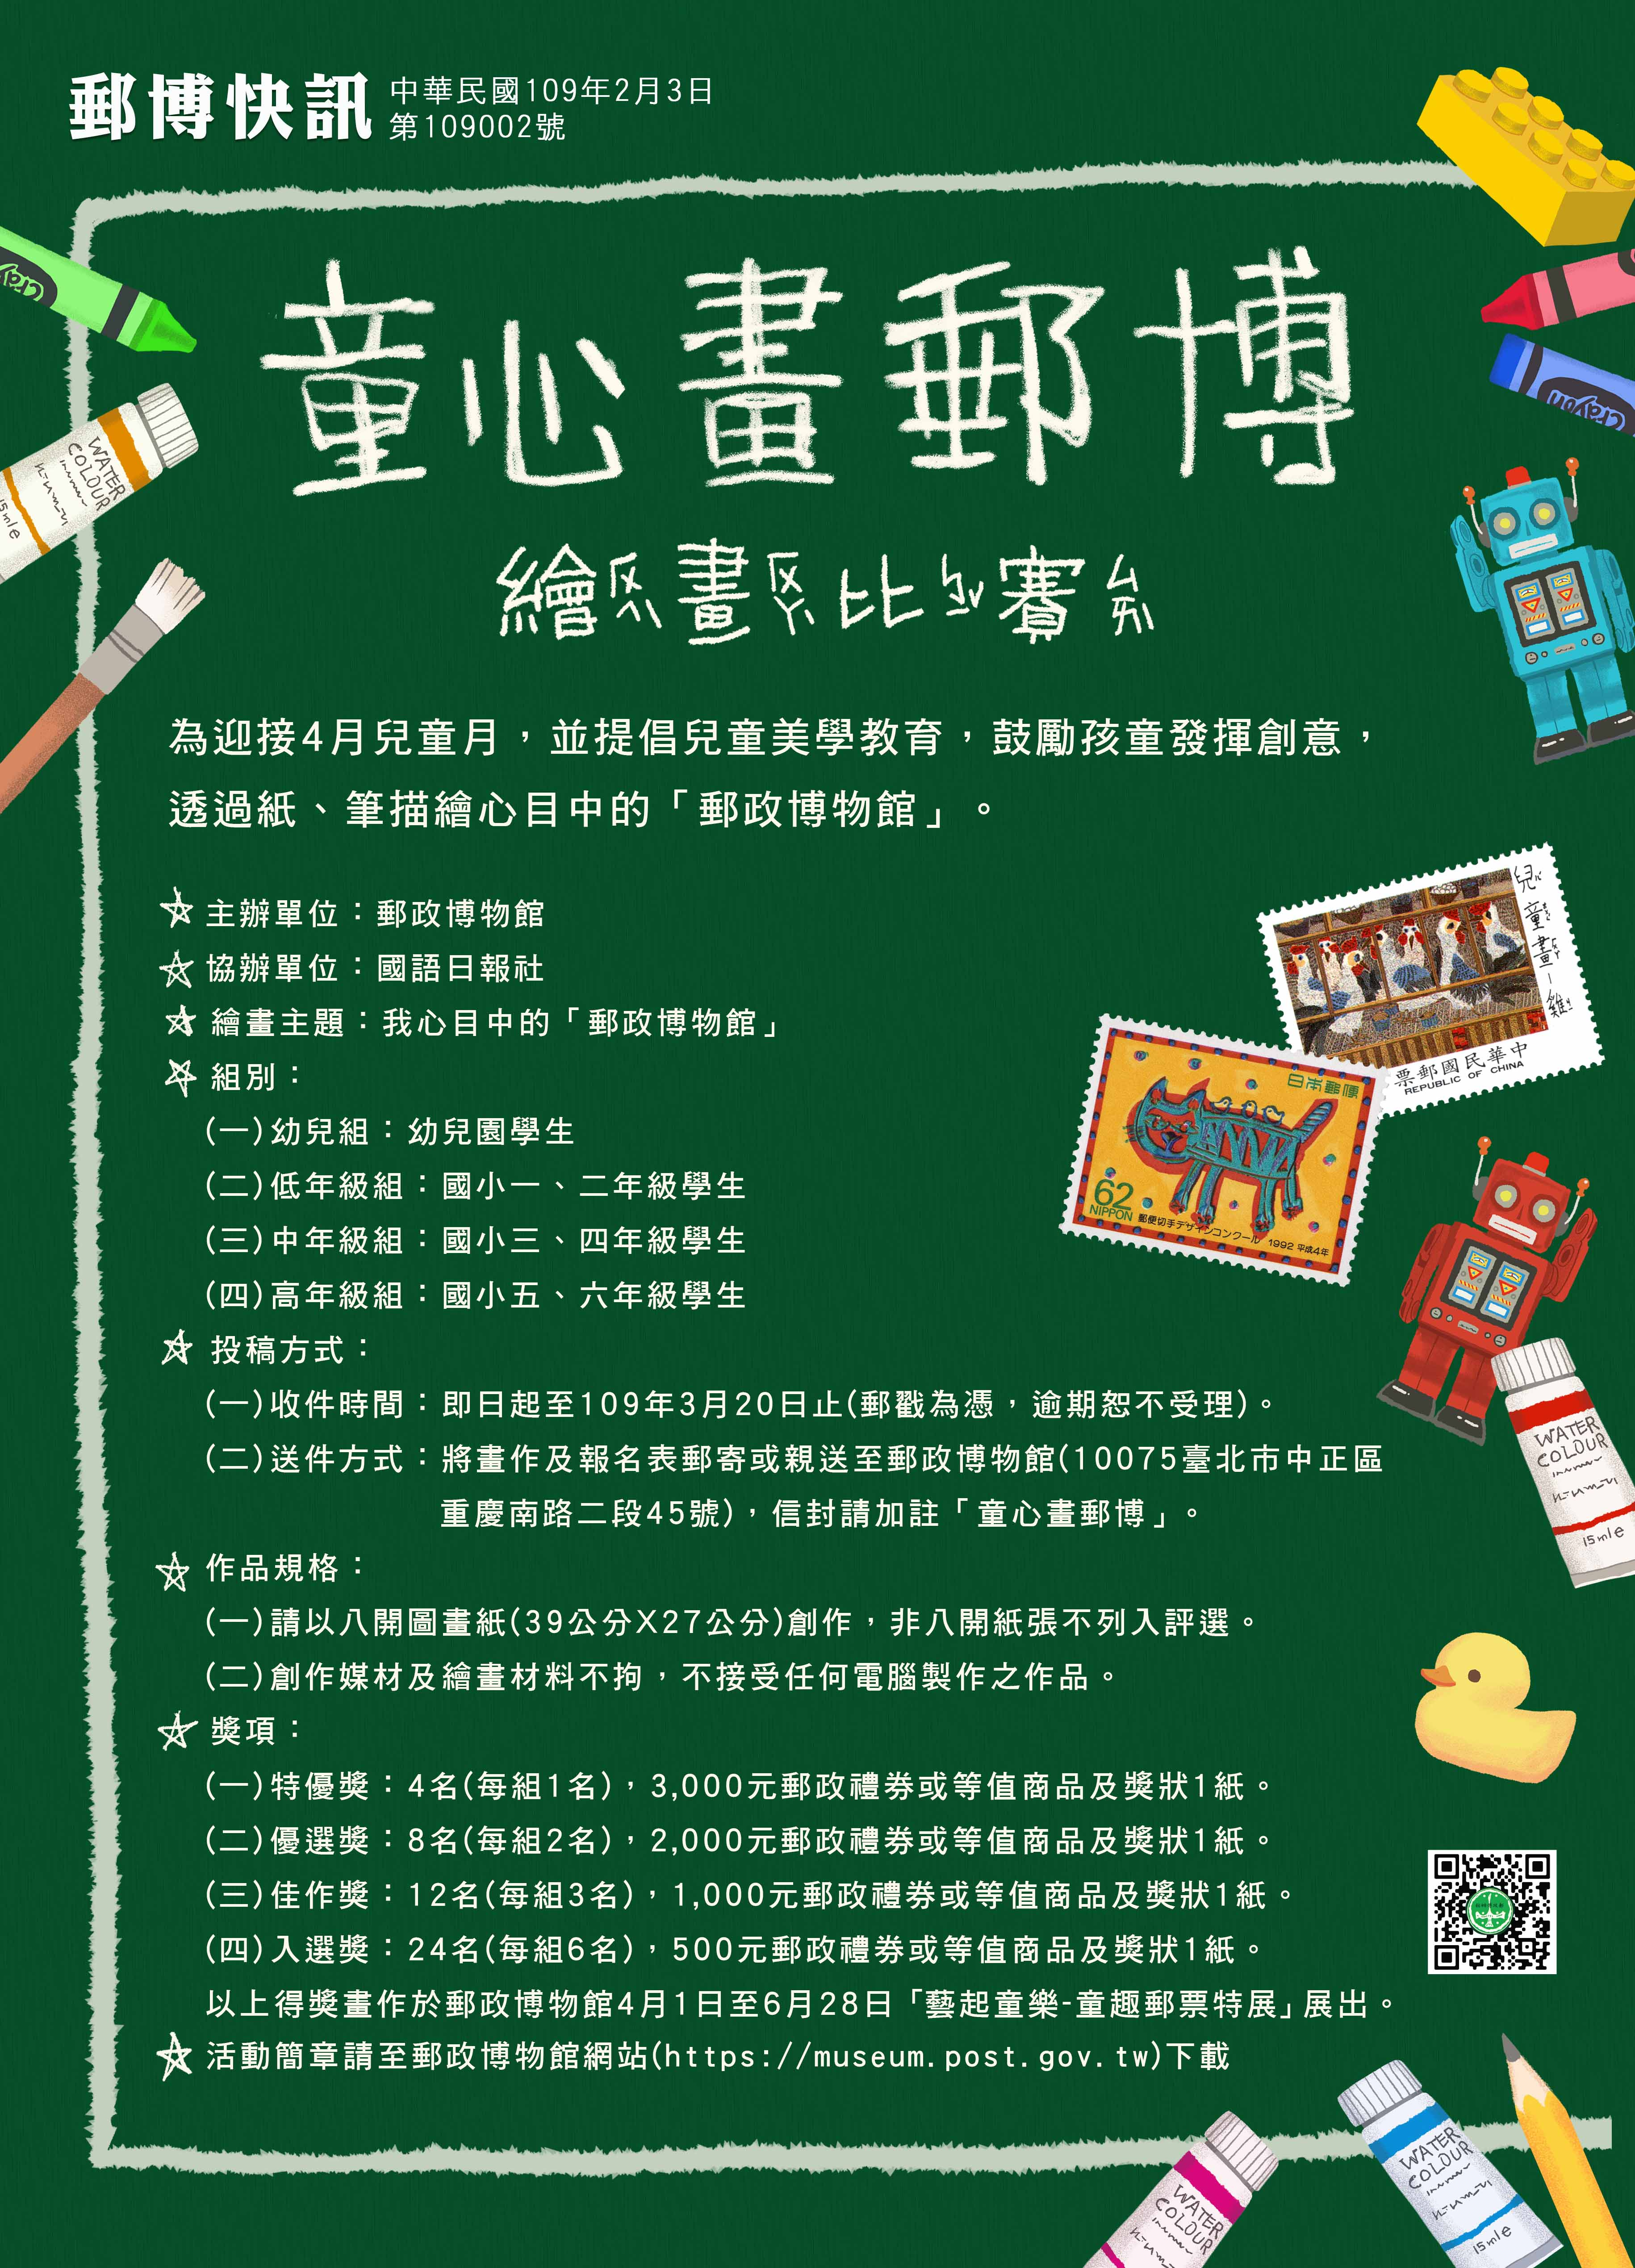 郵政博物館舉辦「童心畫郵博」繪畫比賽活動